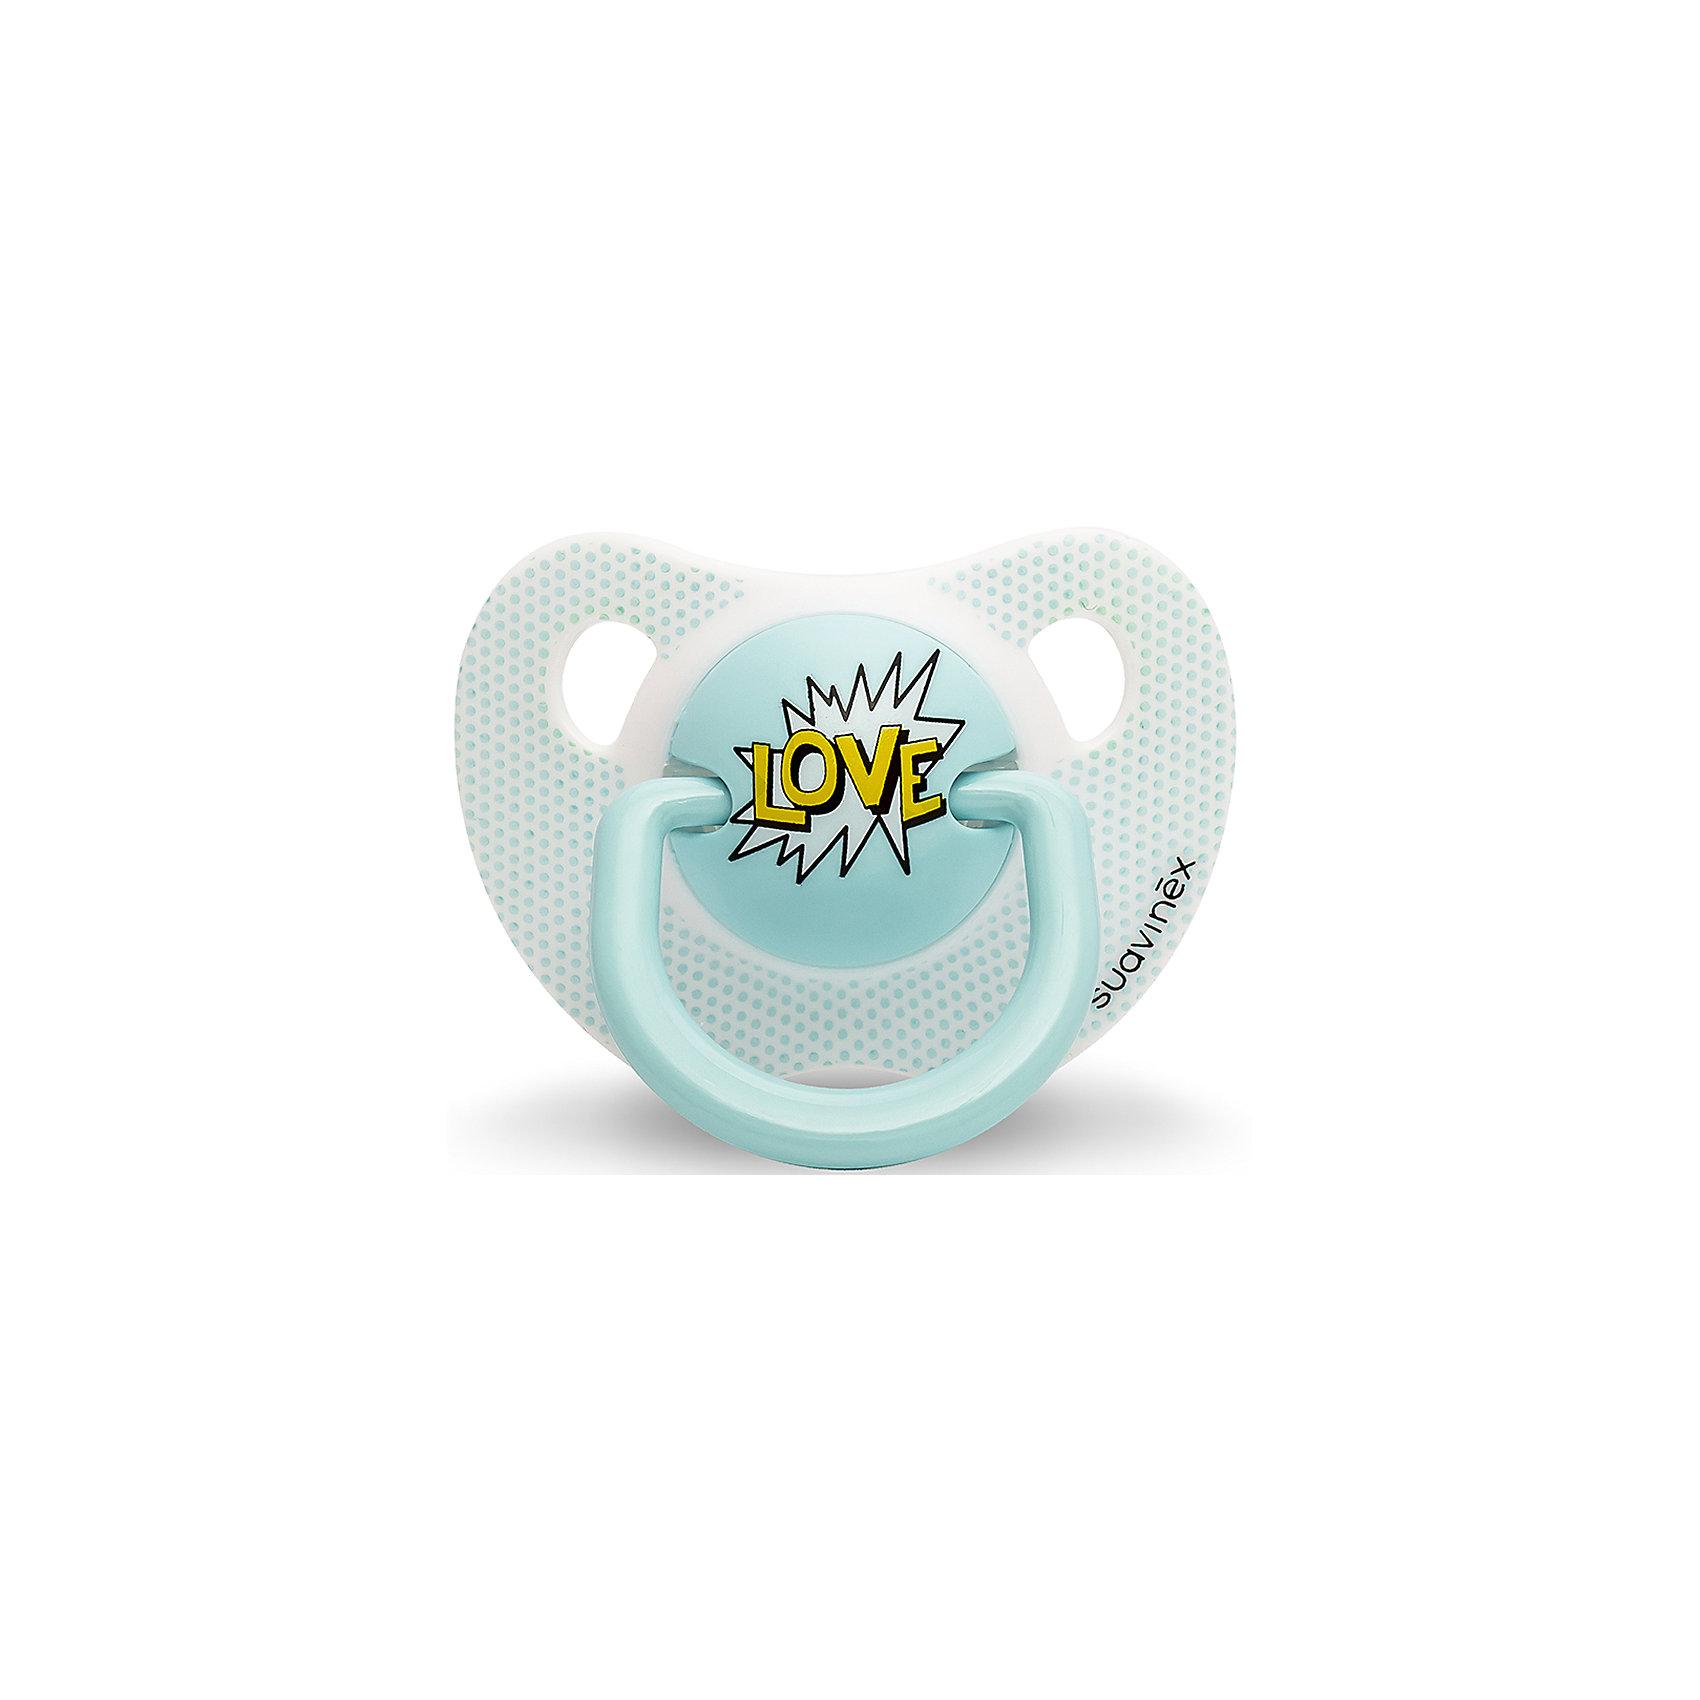 Пустышка силиконовая  LOVE Baby Art, 0-6 мес., Suavinex, голубой